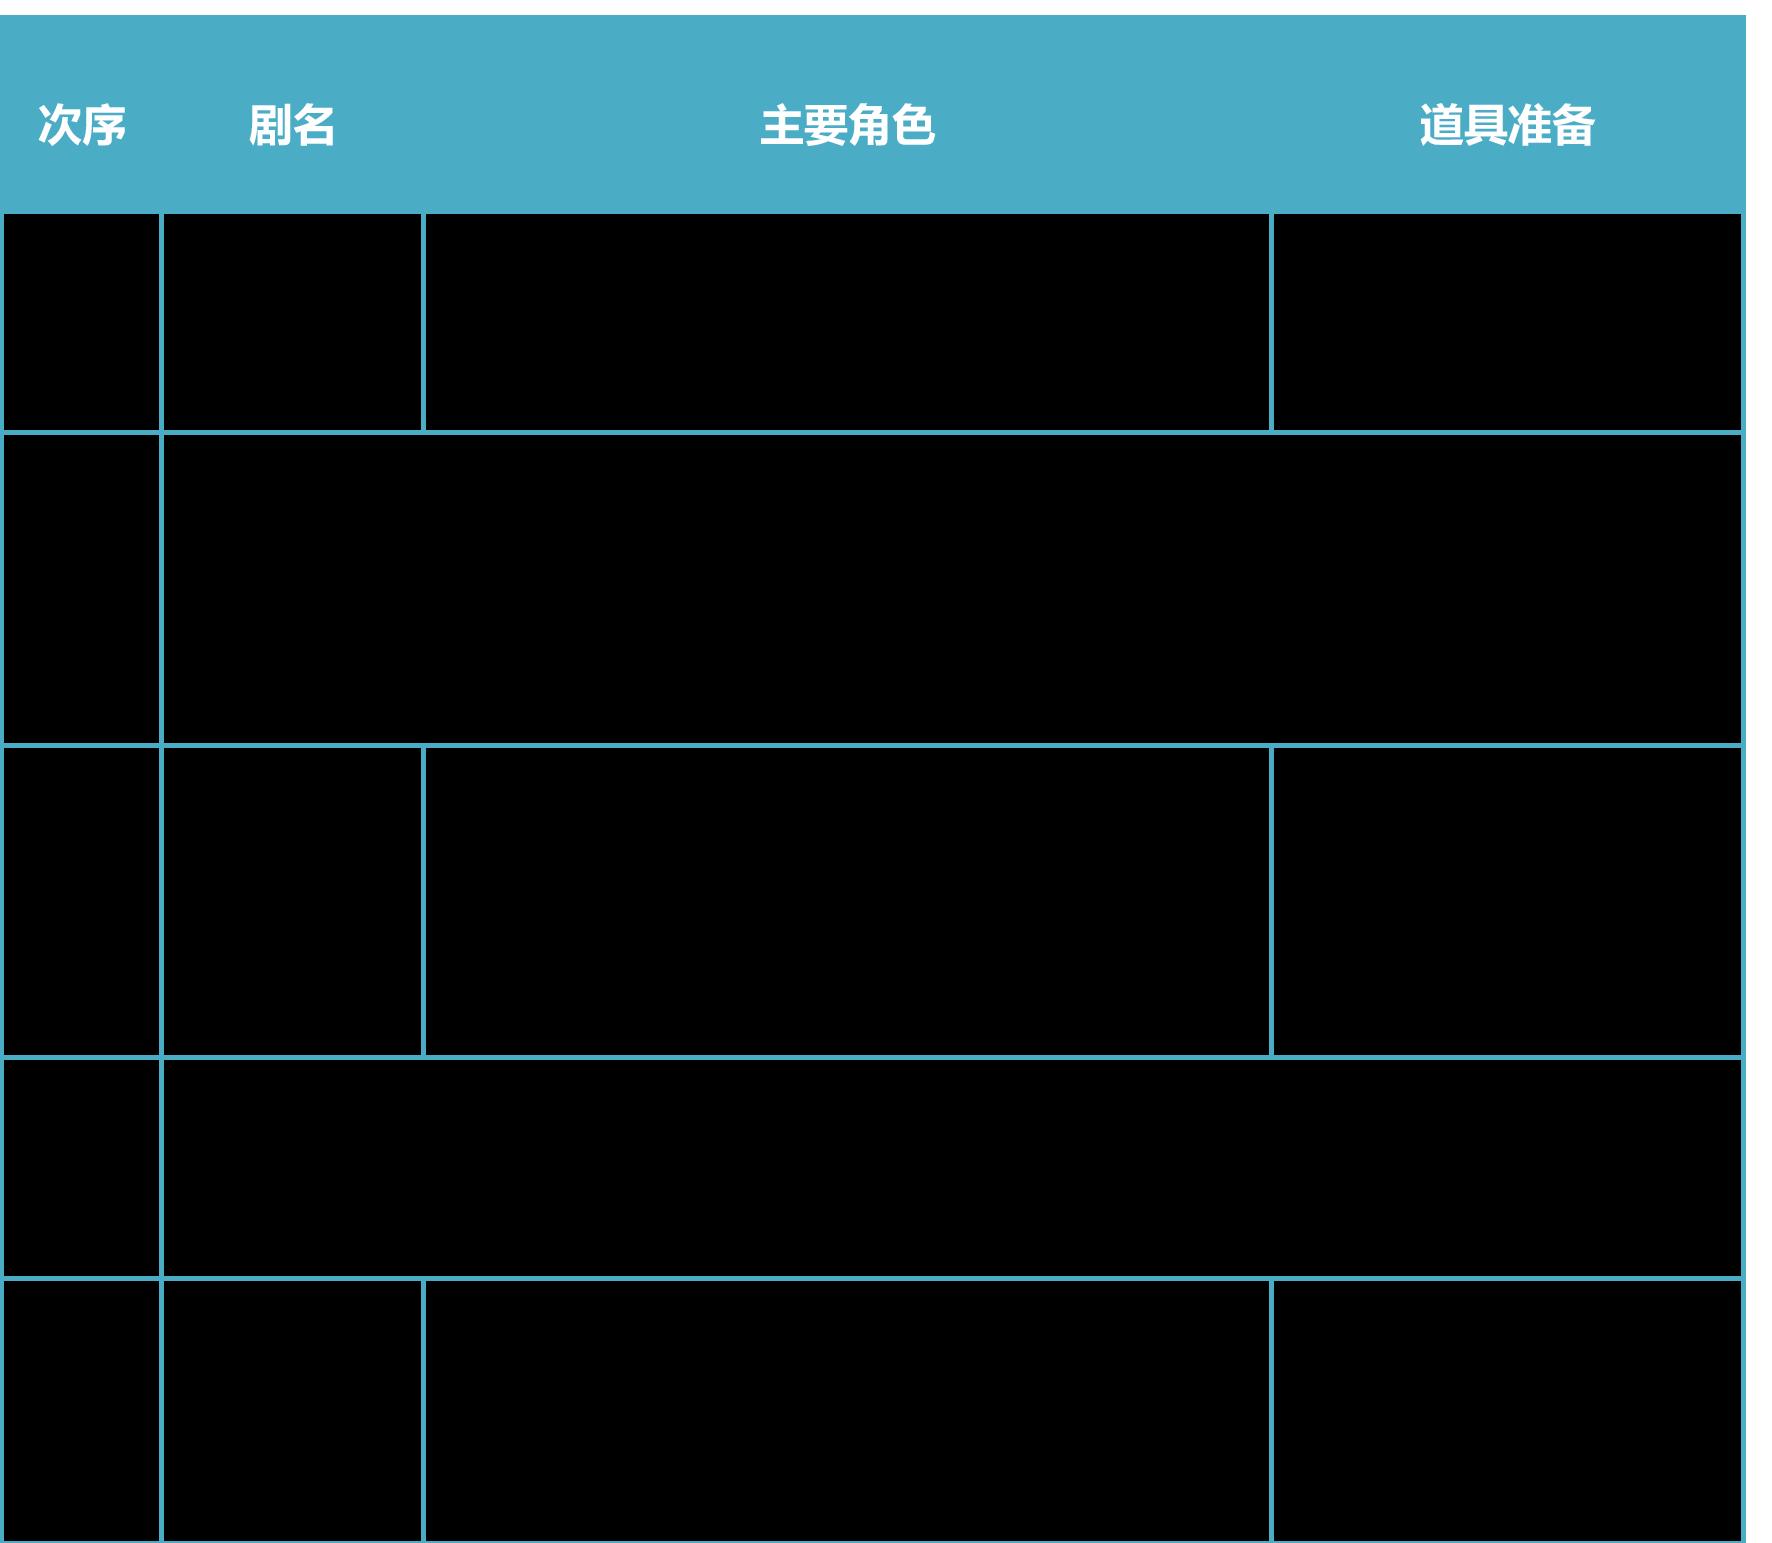 杭少图英语活动-talk&show by 有渔教育 - Copy bx-4.png